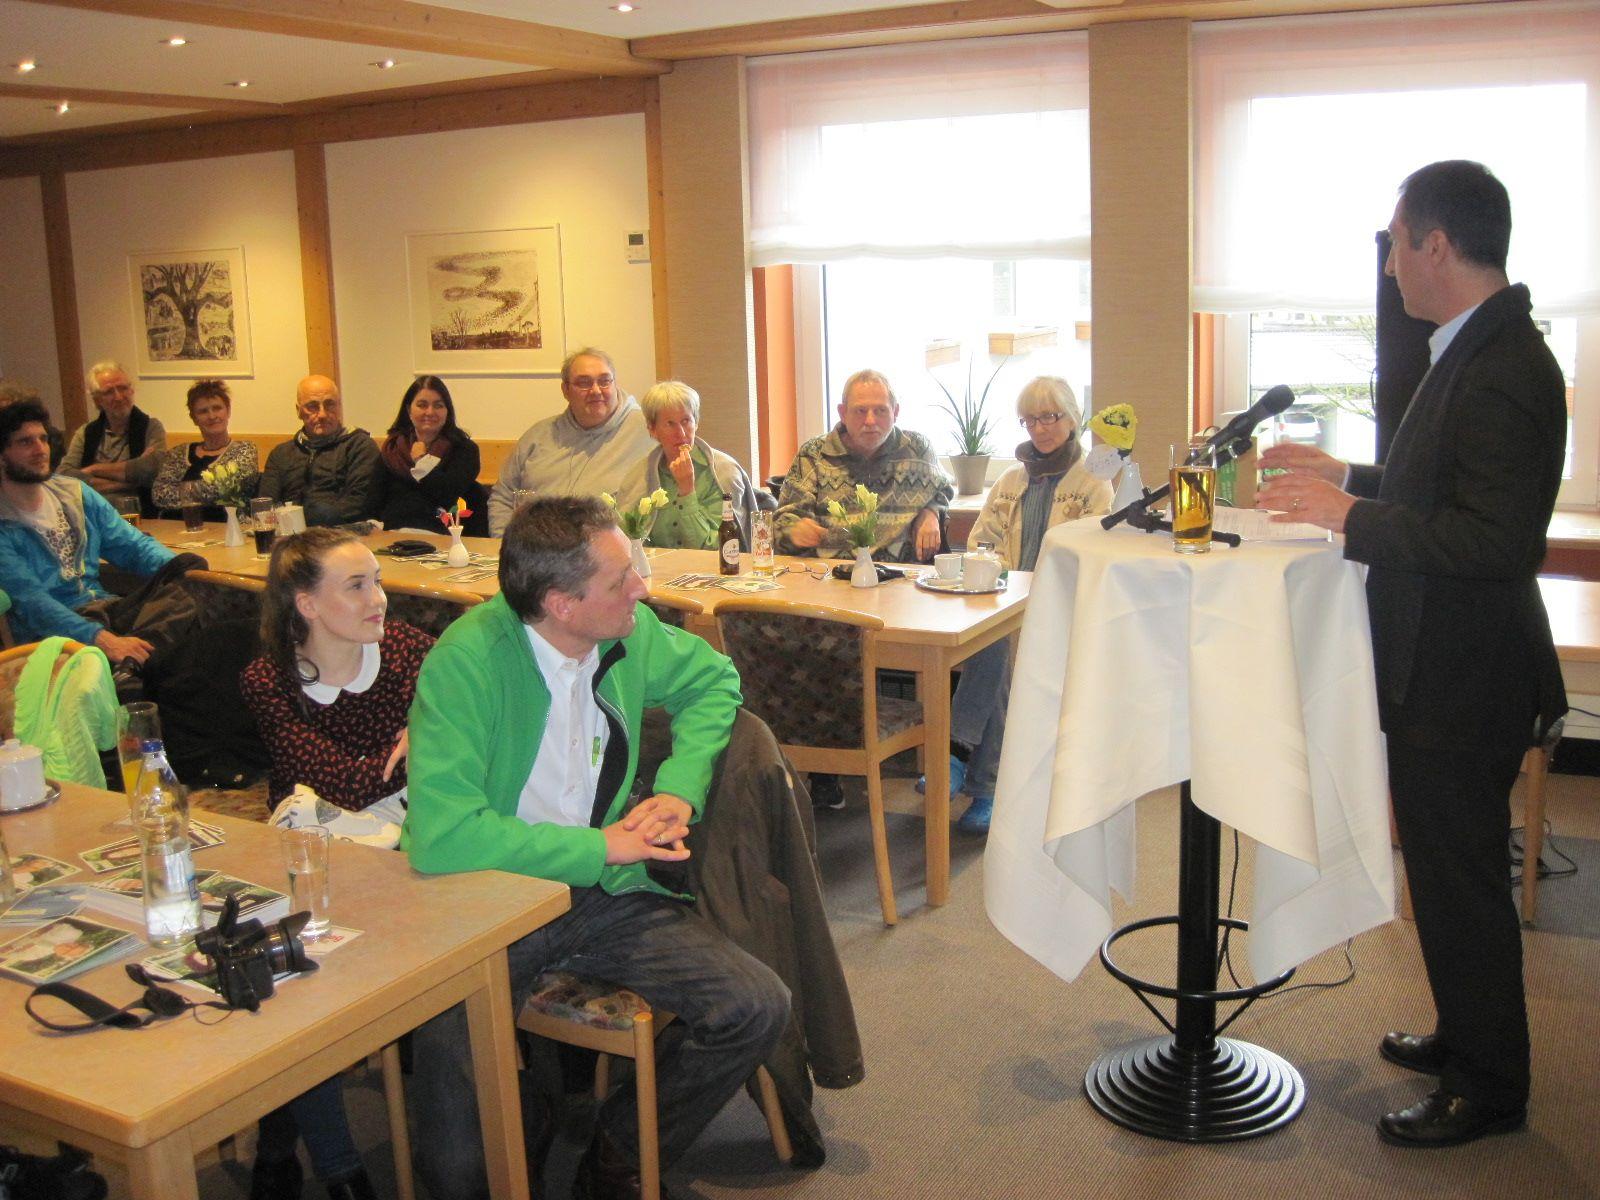 Das Interesse war groß in Deißlingen: gemeinsam mit Cem Özdemir wurden die kommunale und globale Ebenen z.B. des Klimaschutzes diskutiert.